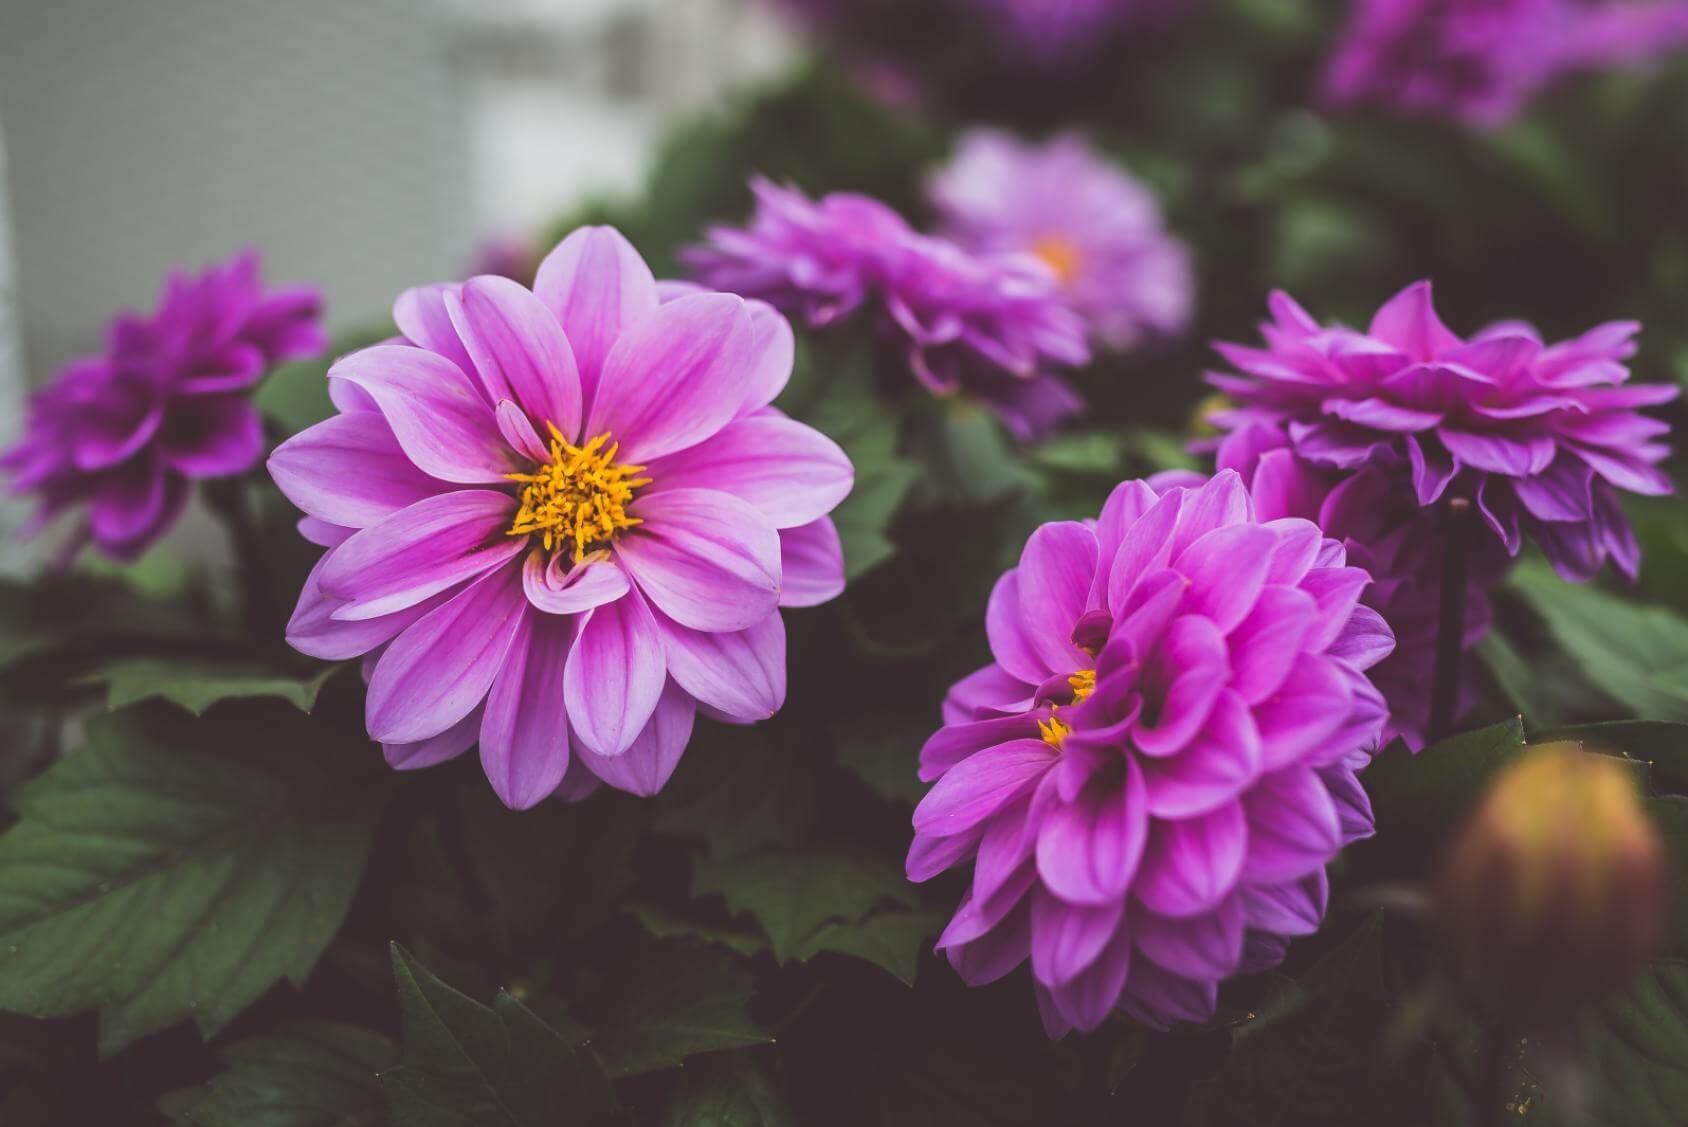 Purple Dahlia Flowers - Original image